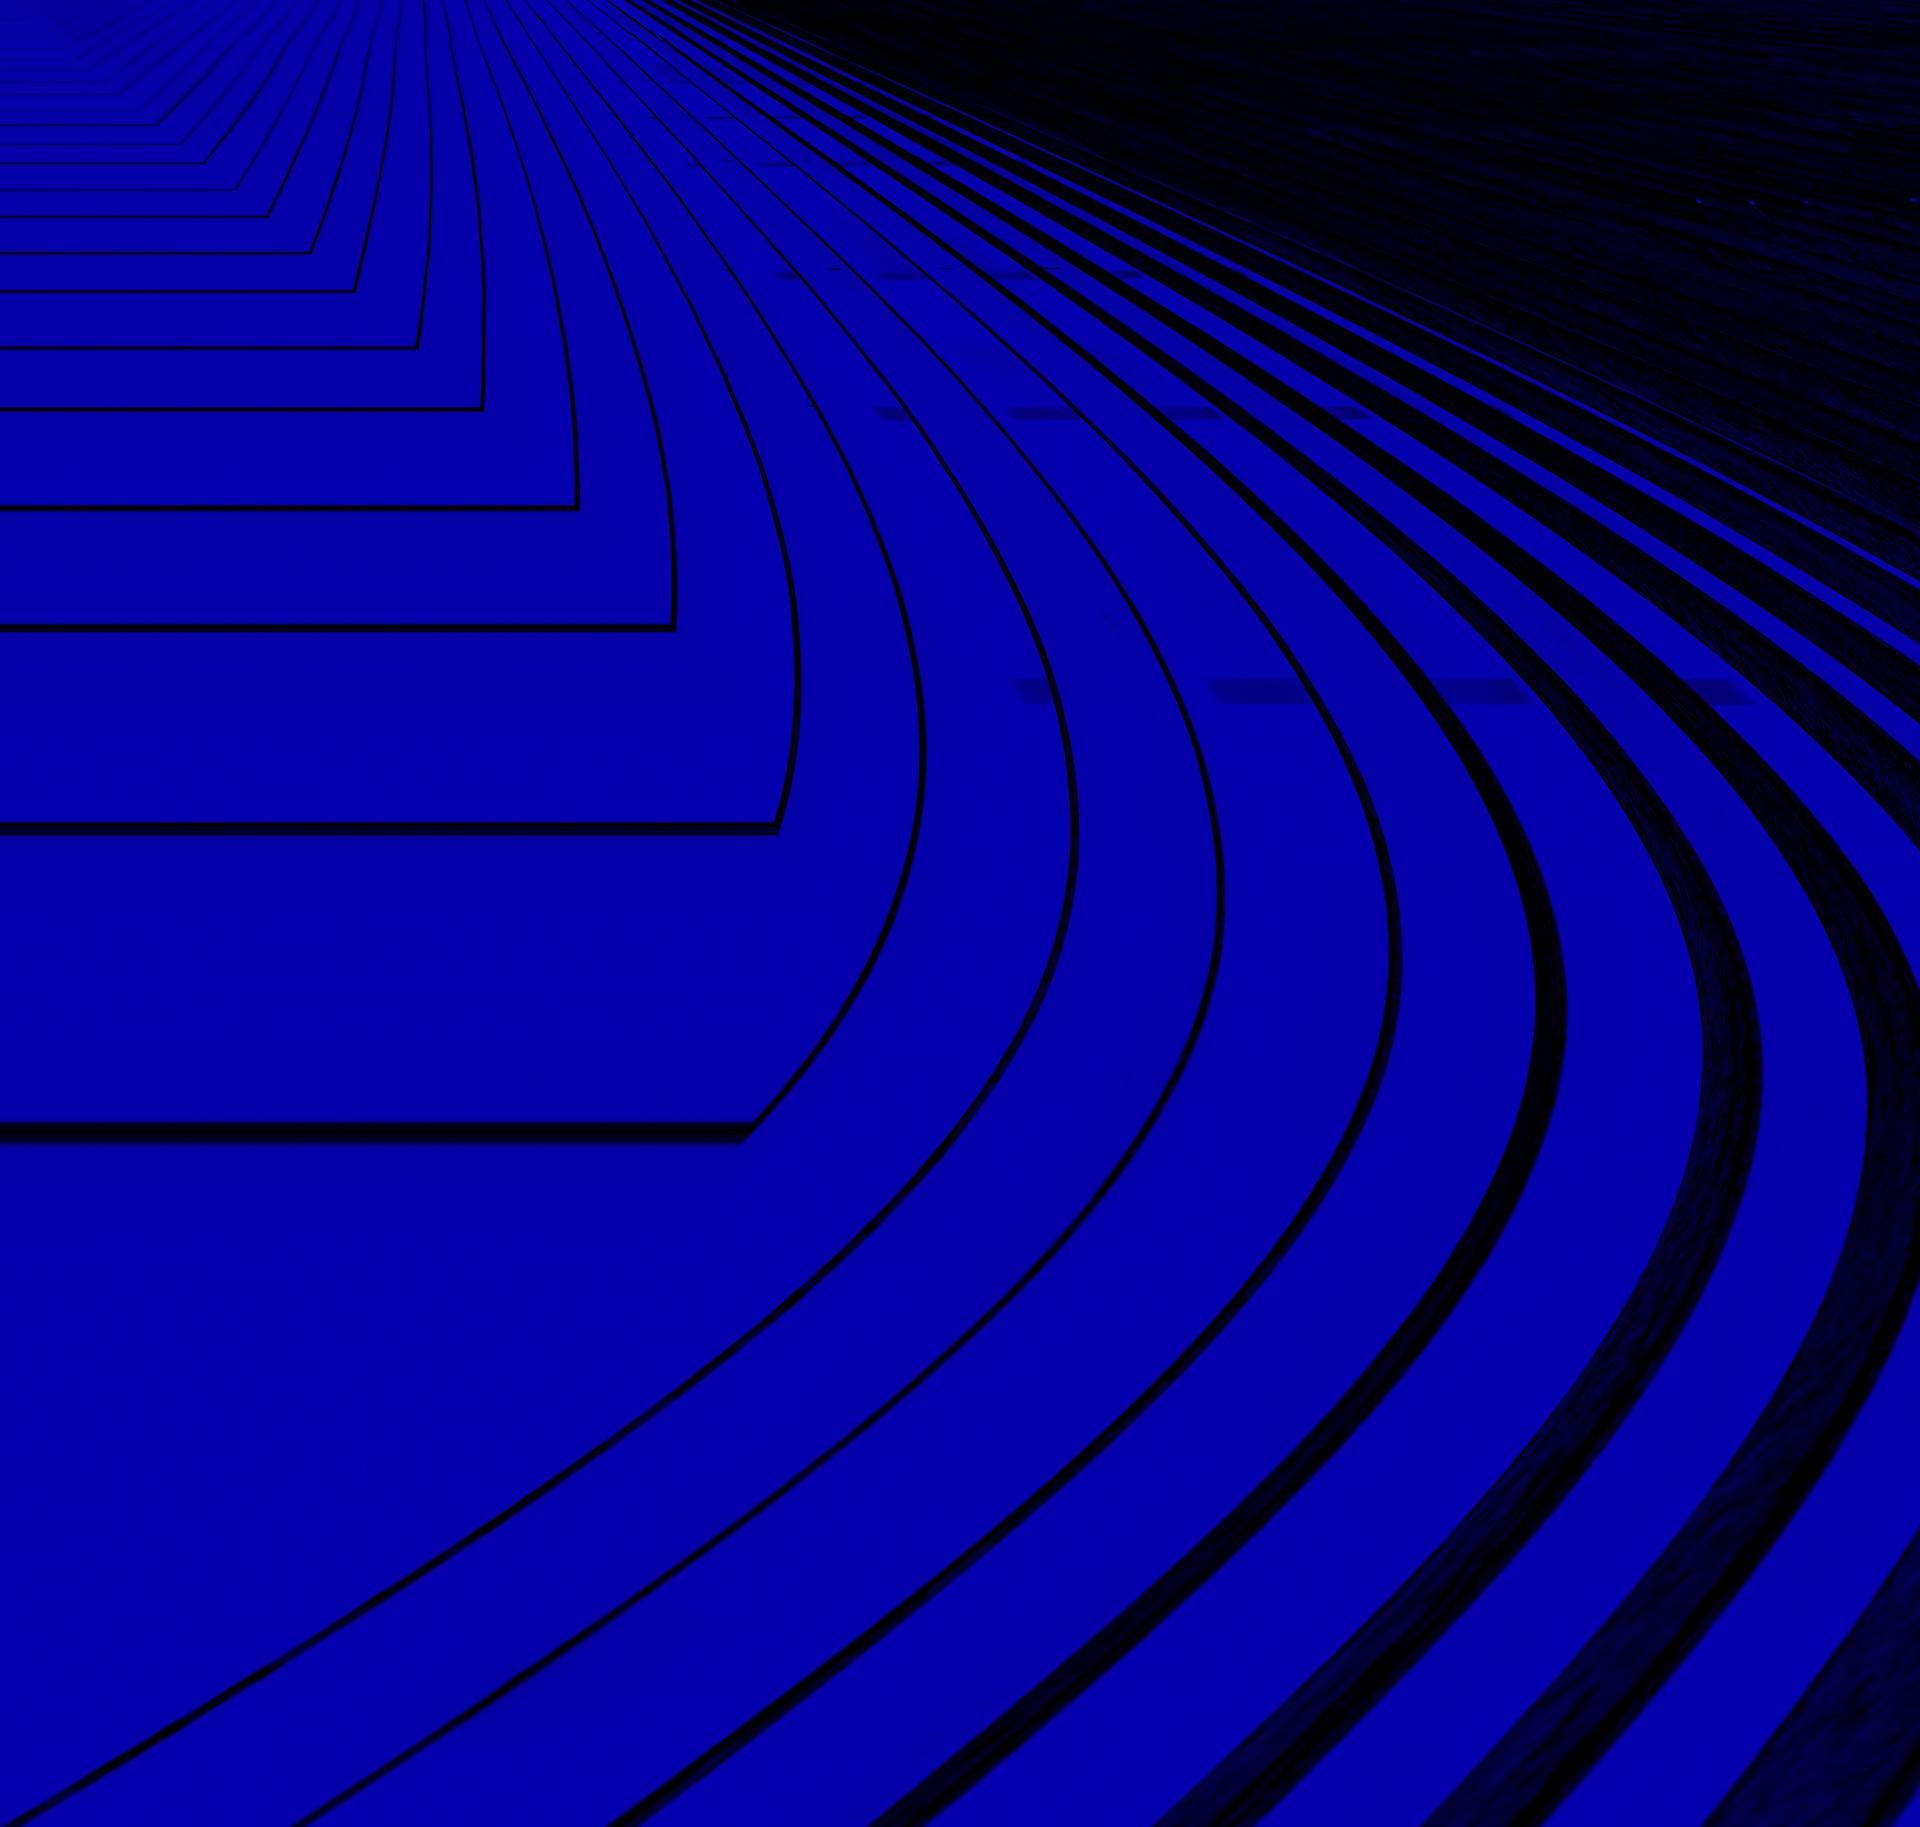 ricardo-gomez-angel-GsZLXA4JPc.width-1920.jpegquality-75